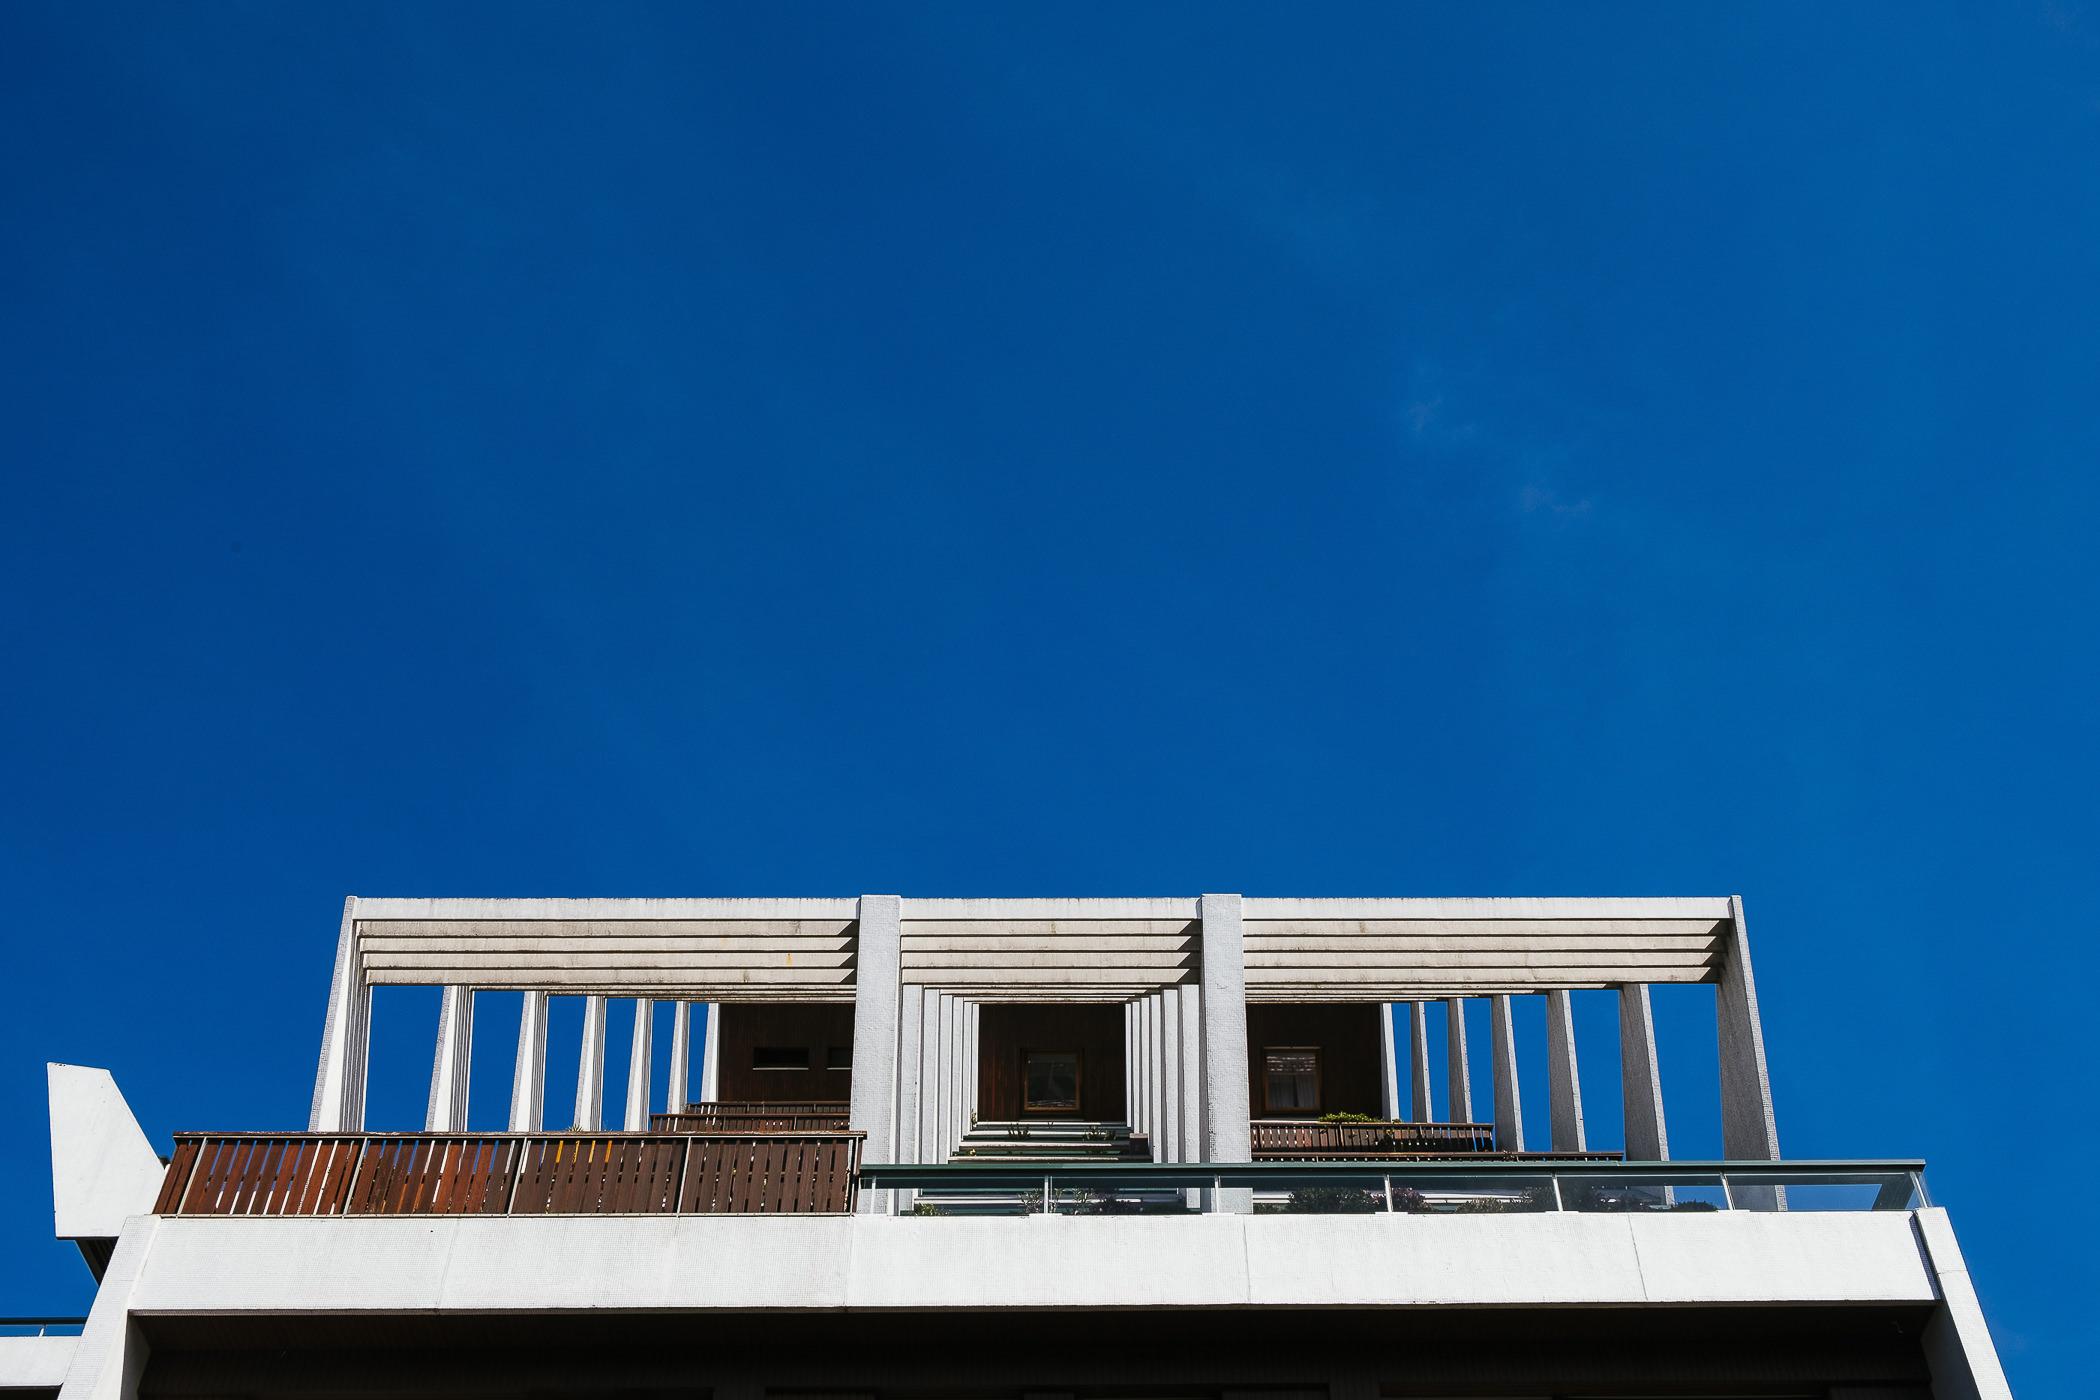 ARCHITECTURE_68.jpg